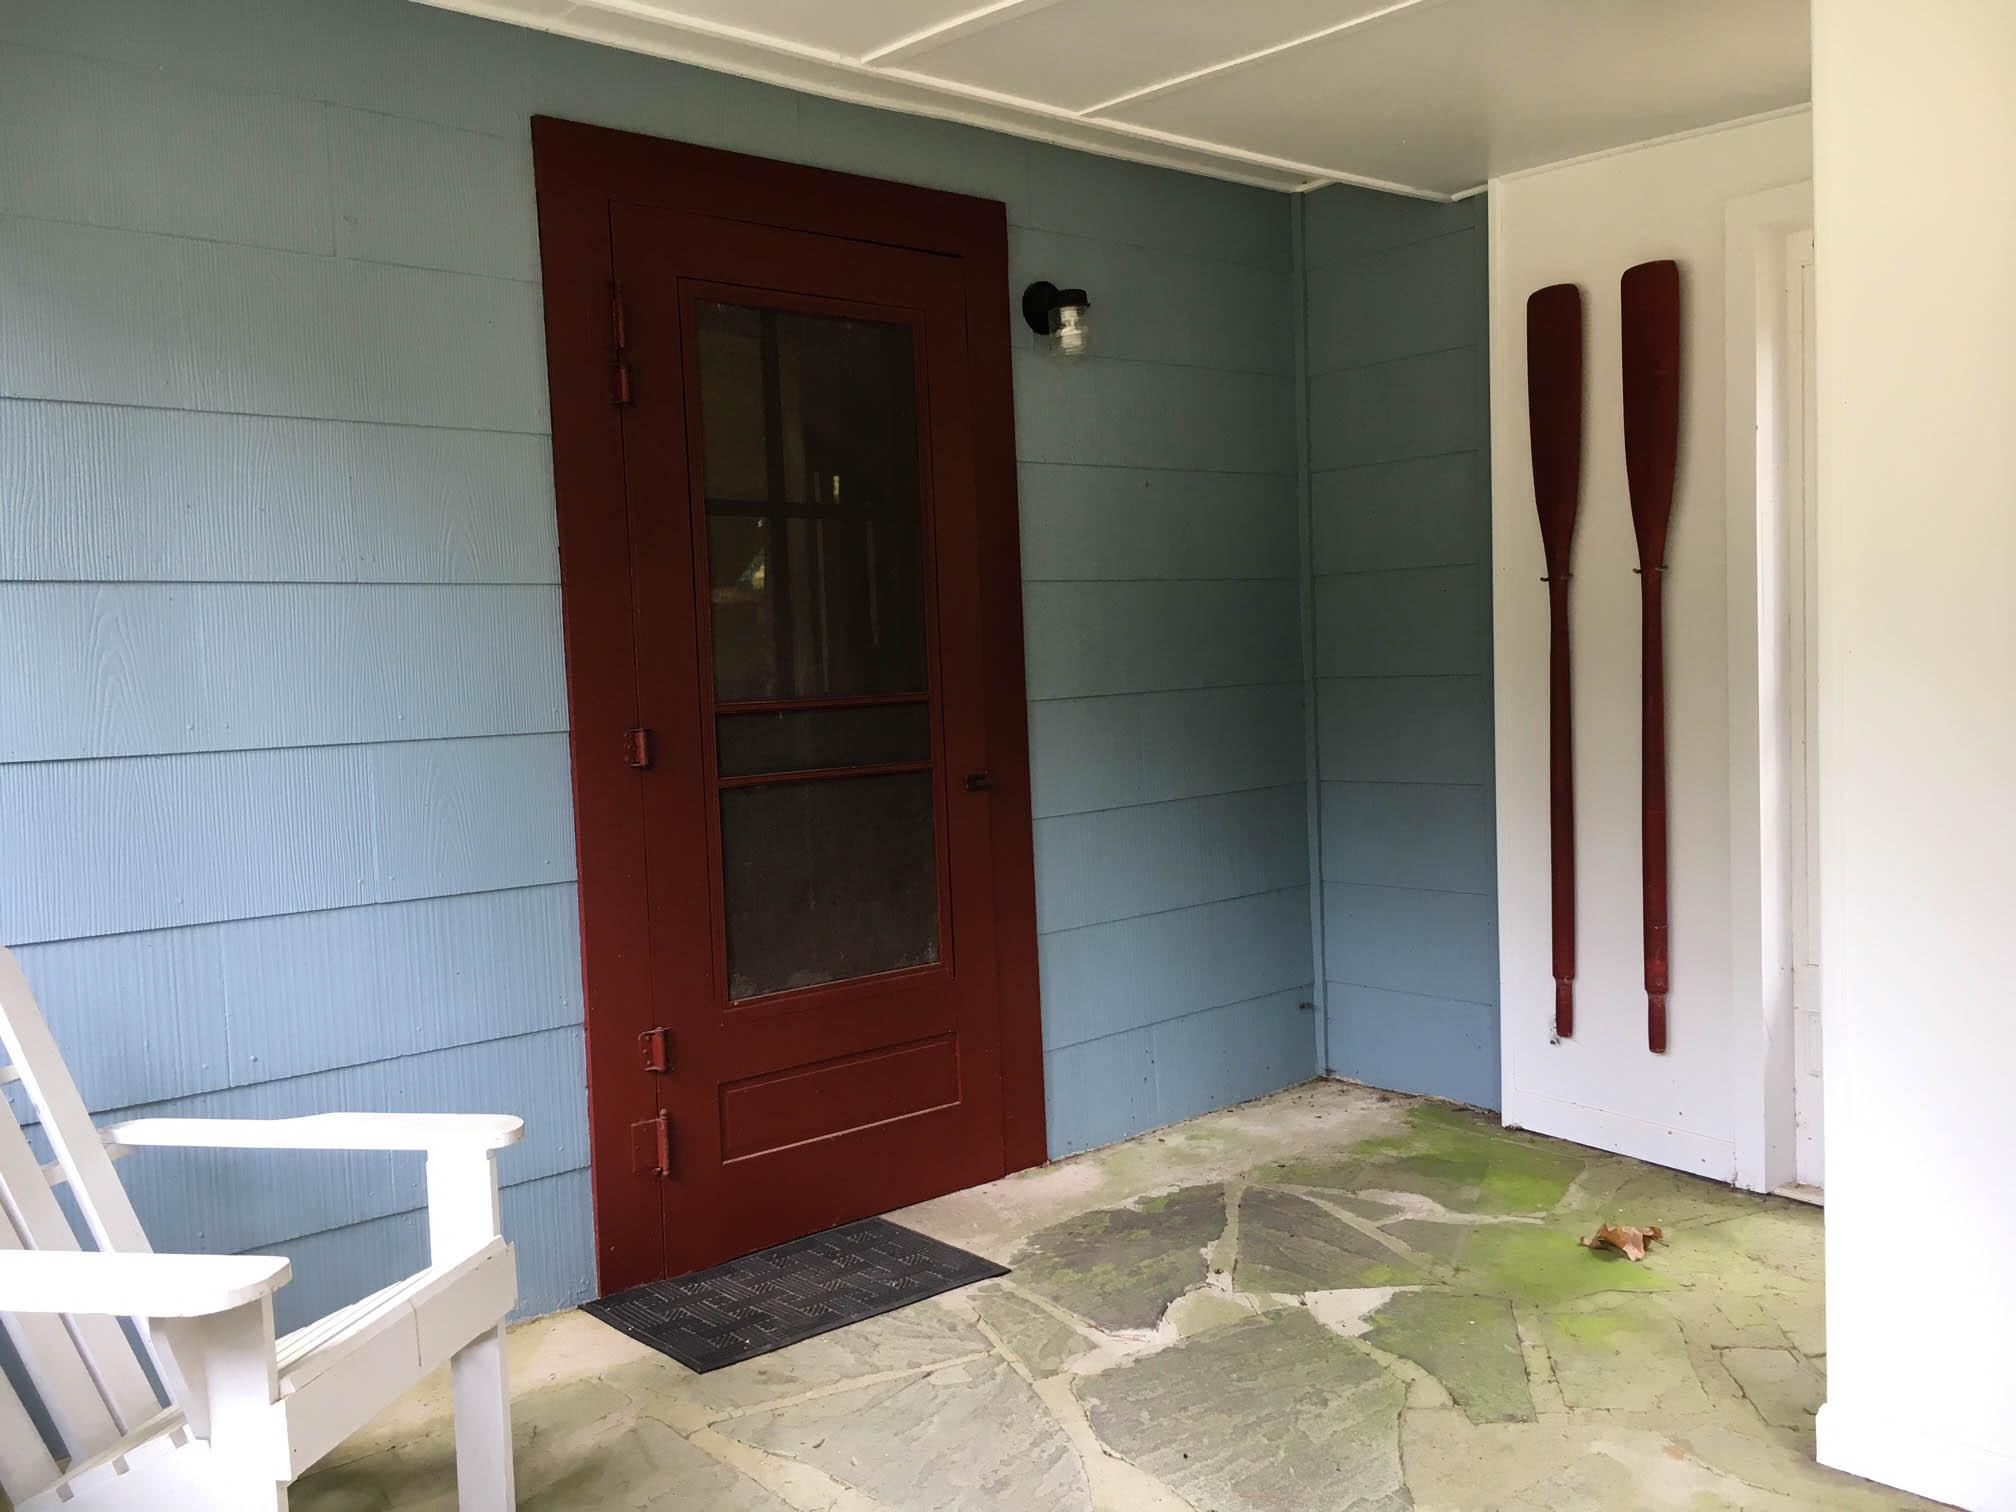 cabin_porch2.jpg